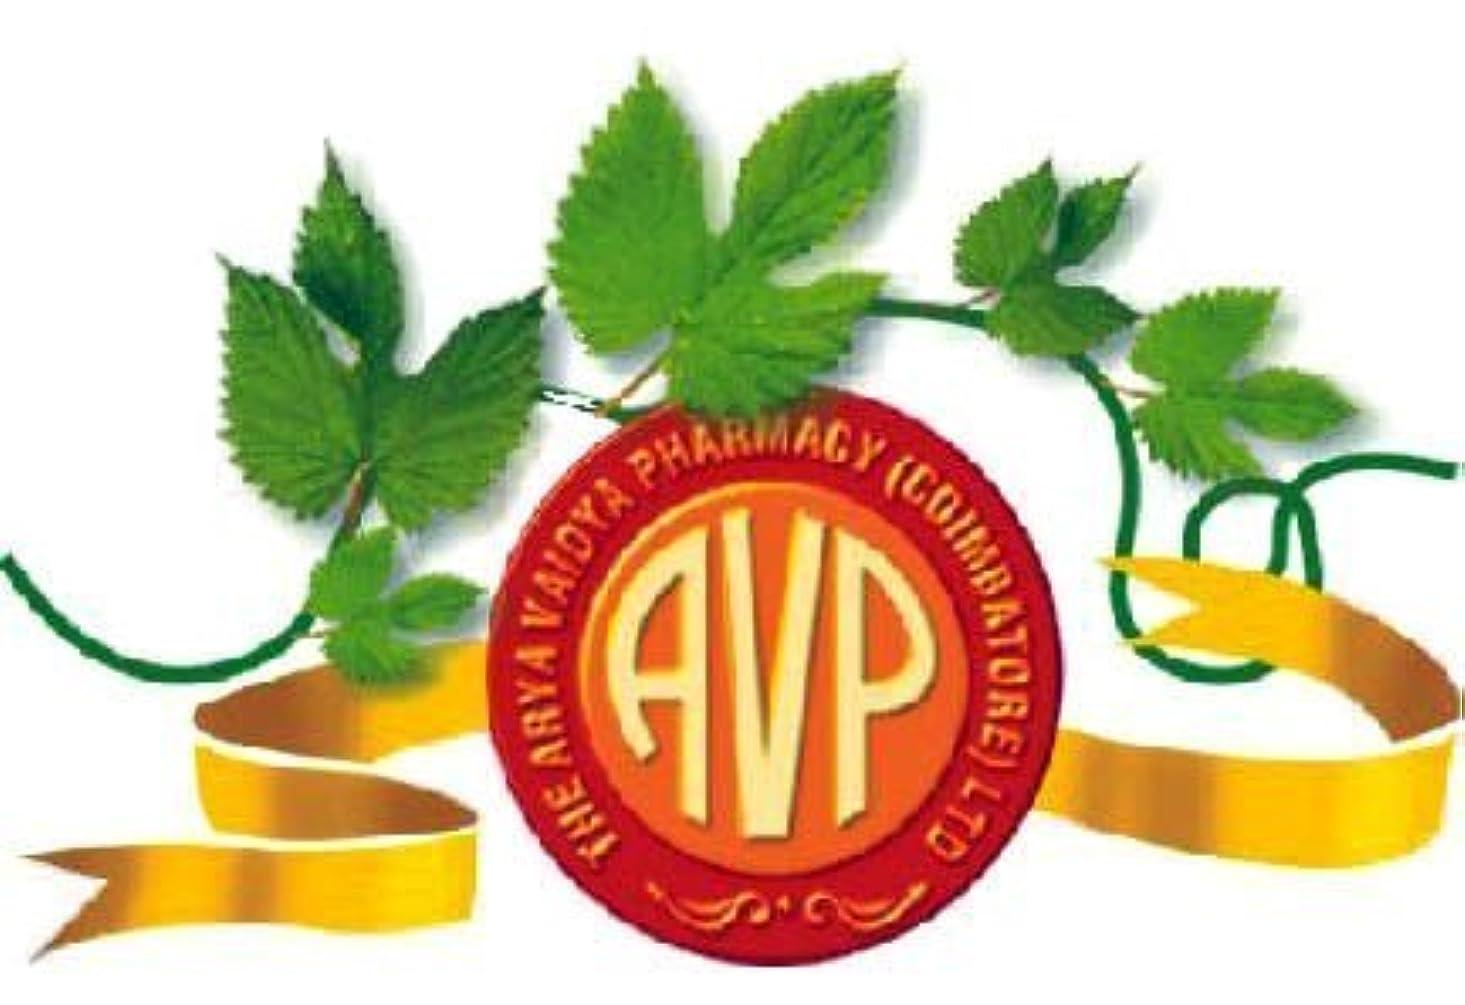 根絶する無意味時AVP Balaswagandhadi Bala Ashwagandhadi Thailam Herbal Massage Oil Huile de massage aux plantes by AVP [並行輸入品]